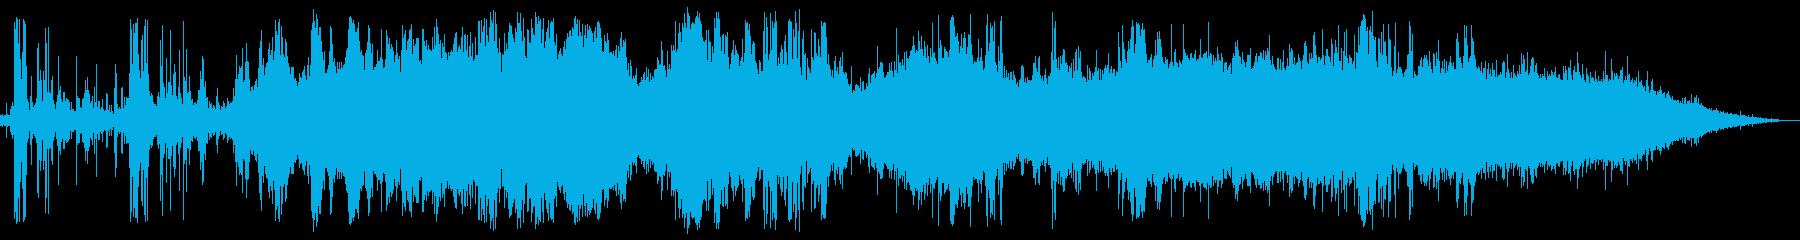 ゴロゴロドーン・ザザー(夕立の音)の再生済みの波形